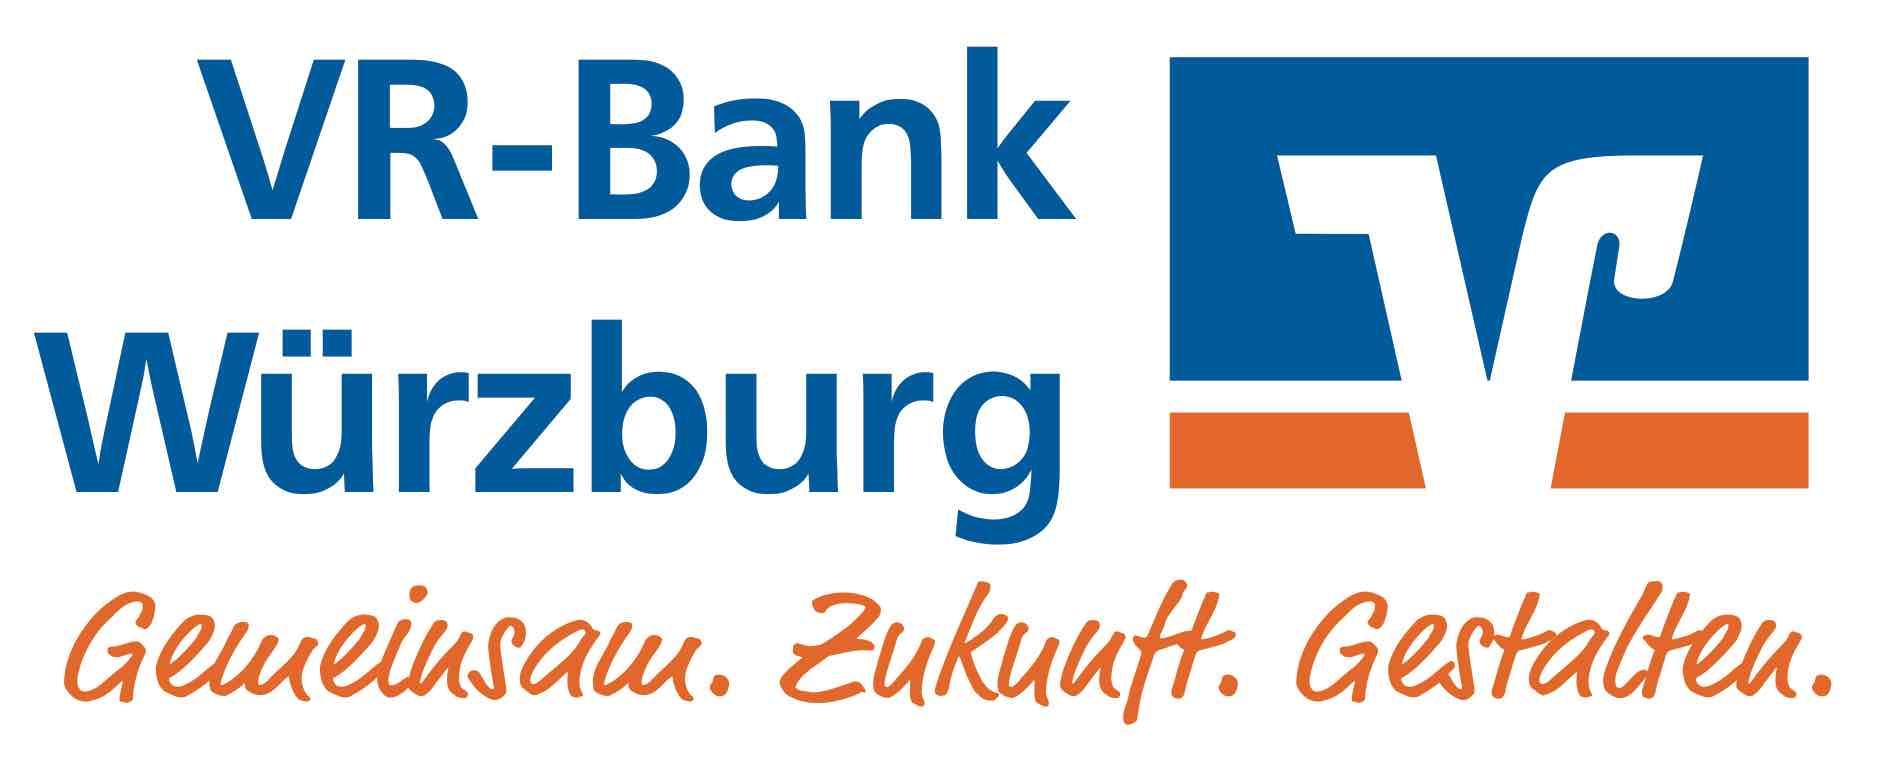 VR Bank Würzburg